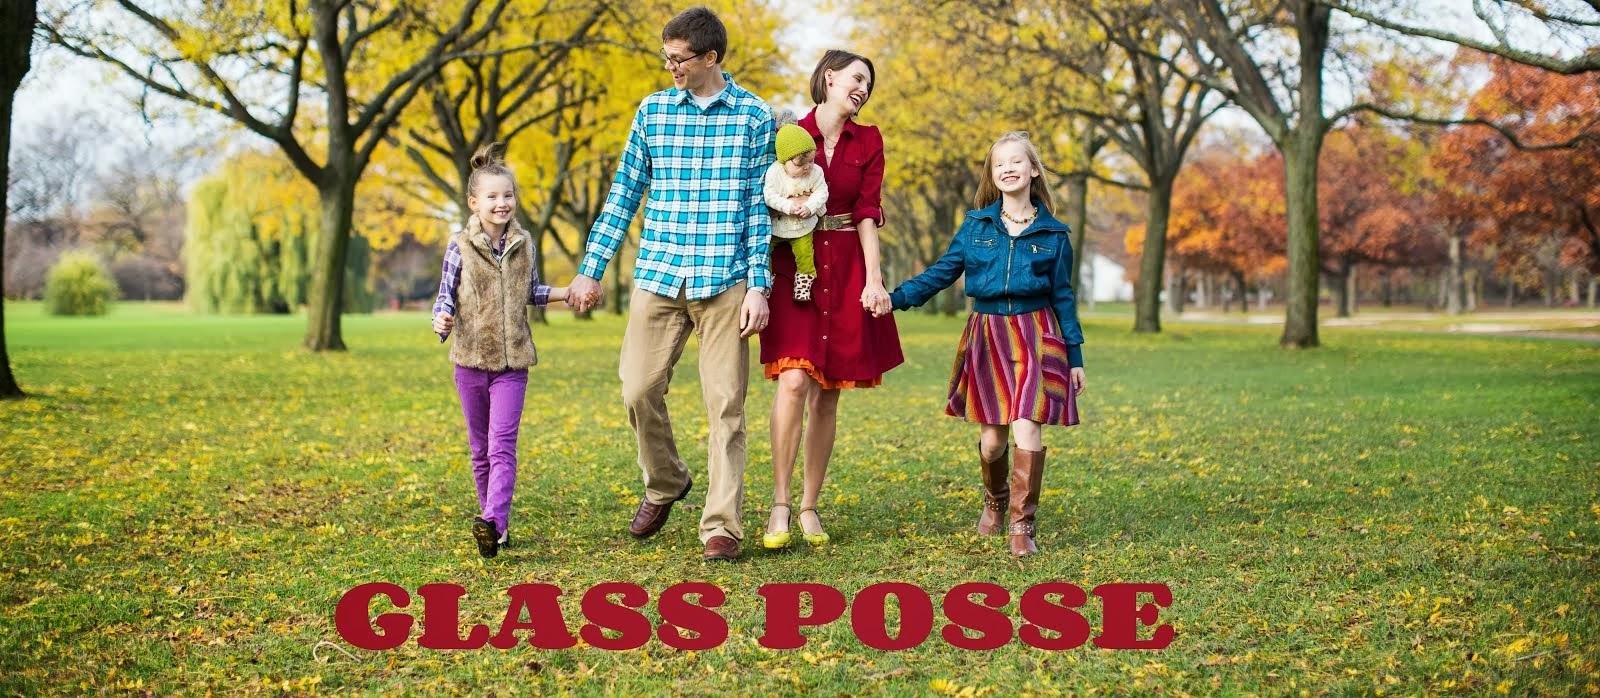 Glass Posse